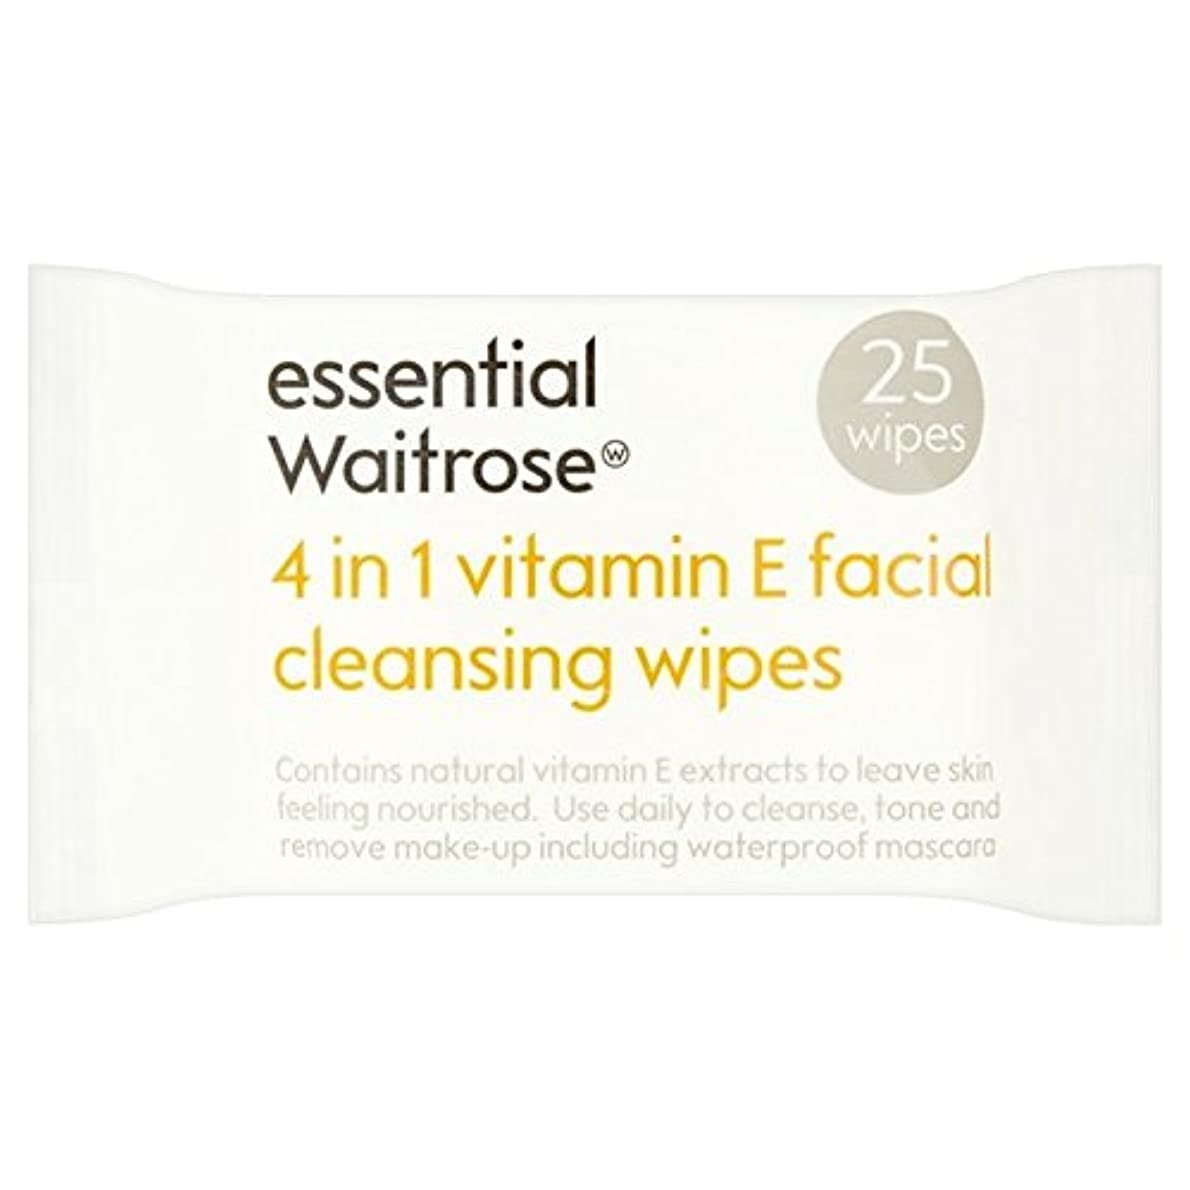 手荷物マーカー水没Essential 4 in 1 Cleansing Wipes Vitamin E Waitrose 25 per pack - 1つのクレンジングで4不可欠パックあたりのビタミンウェイトローズ25ワイプ [並行輸入品]